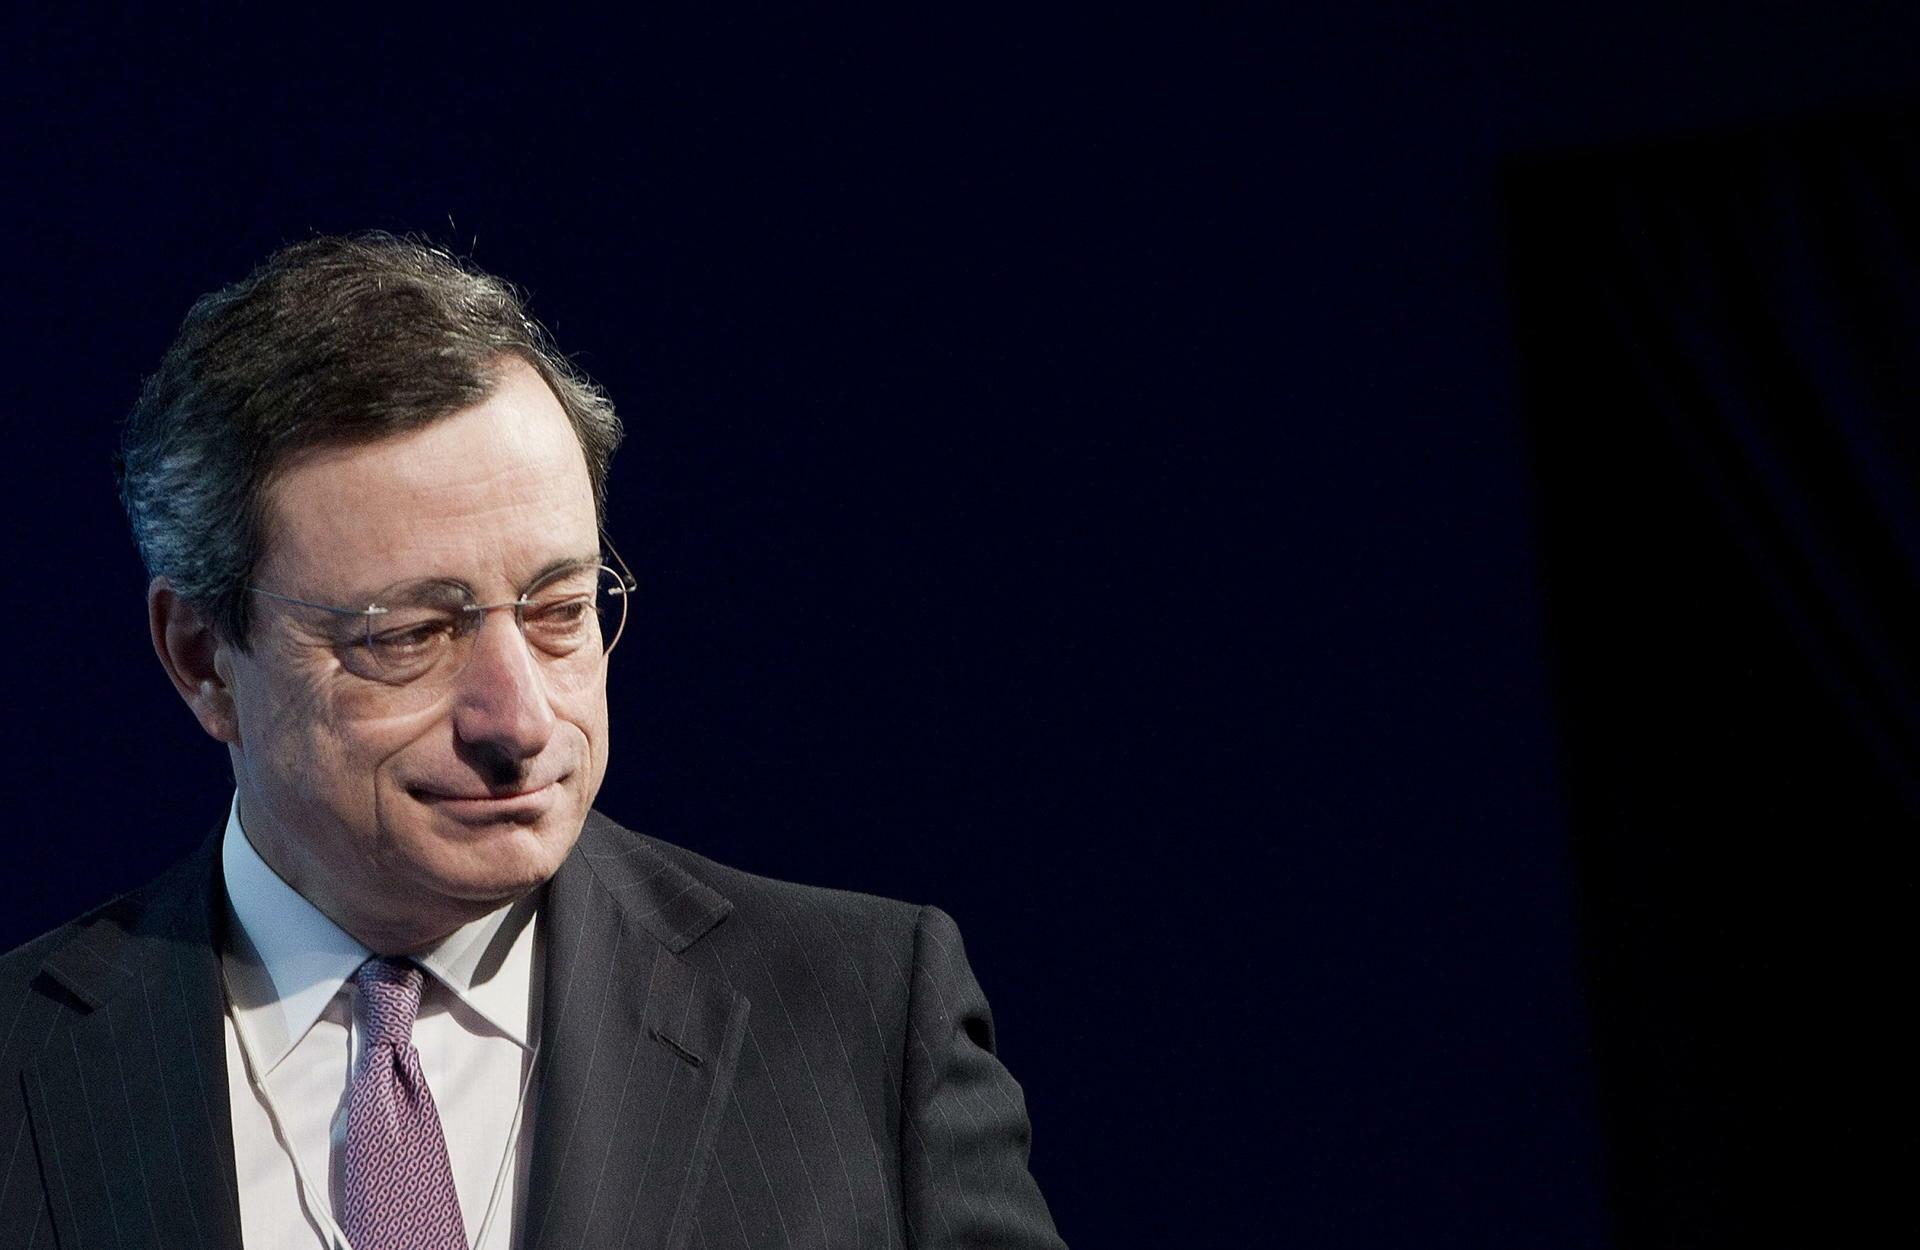 Mario Draghi, Präsident der Europäischen Zentralbank (EZB). Quelle: dpa